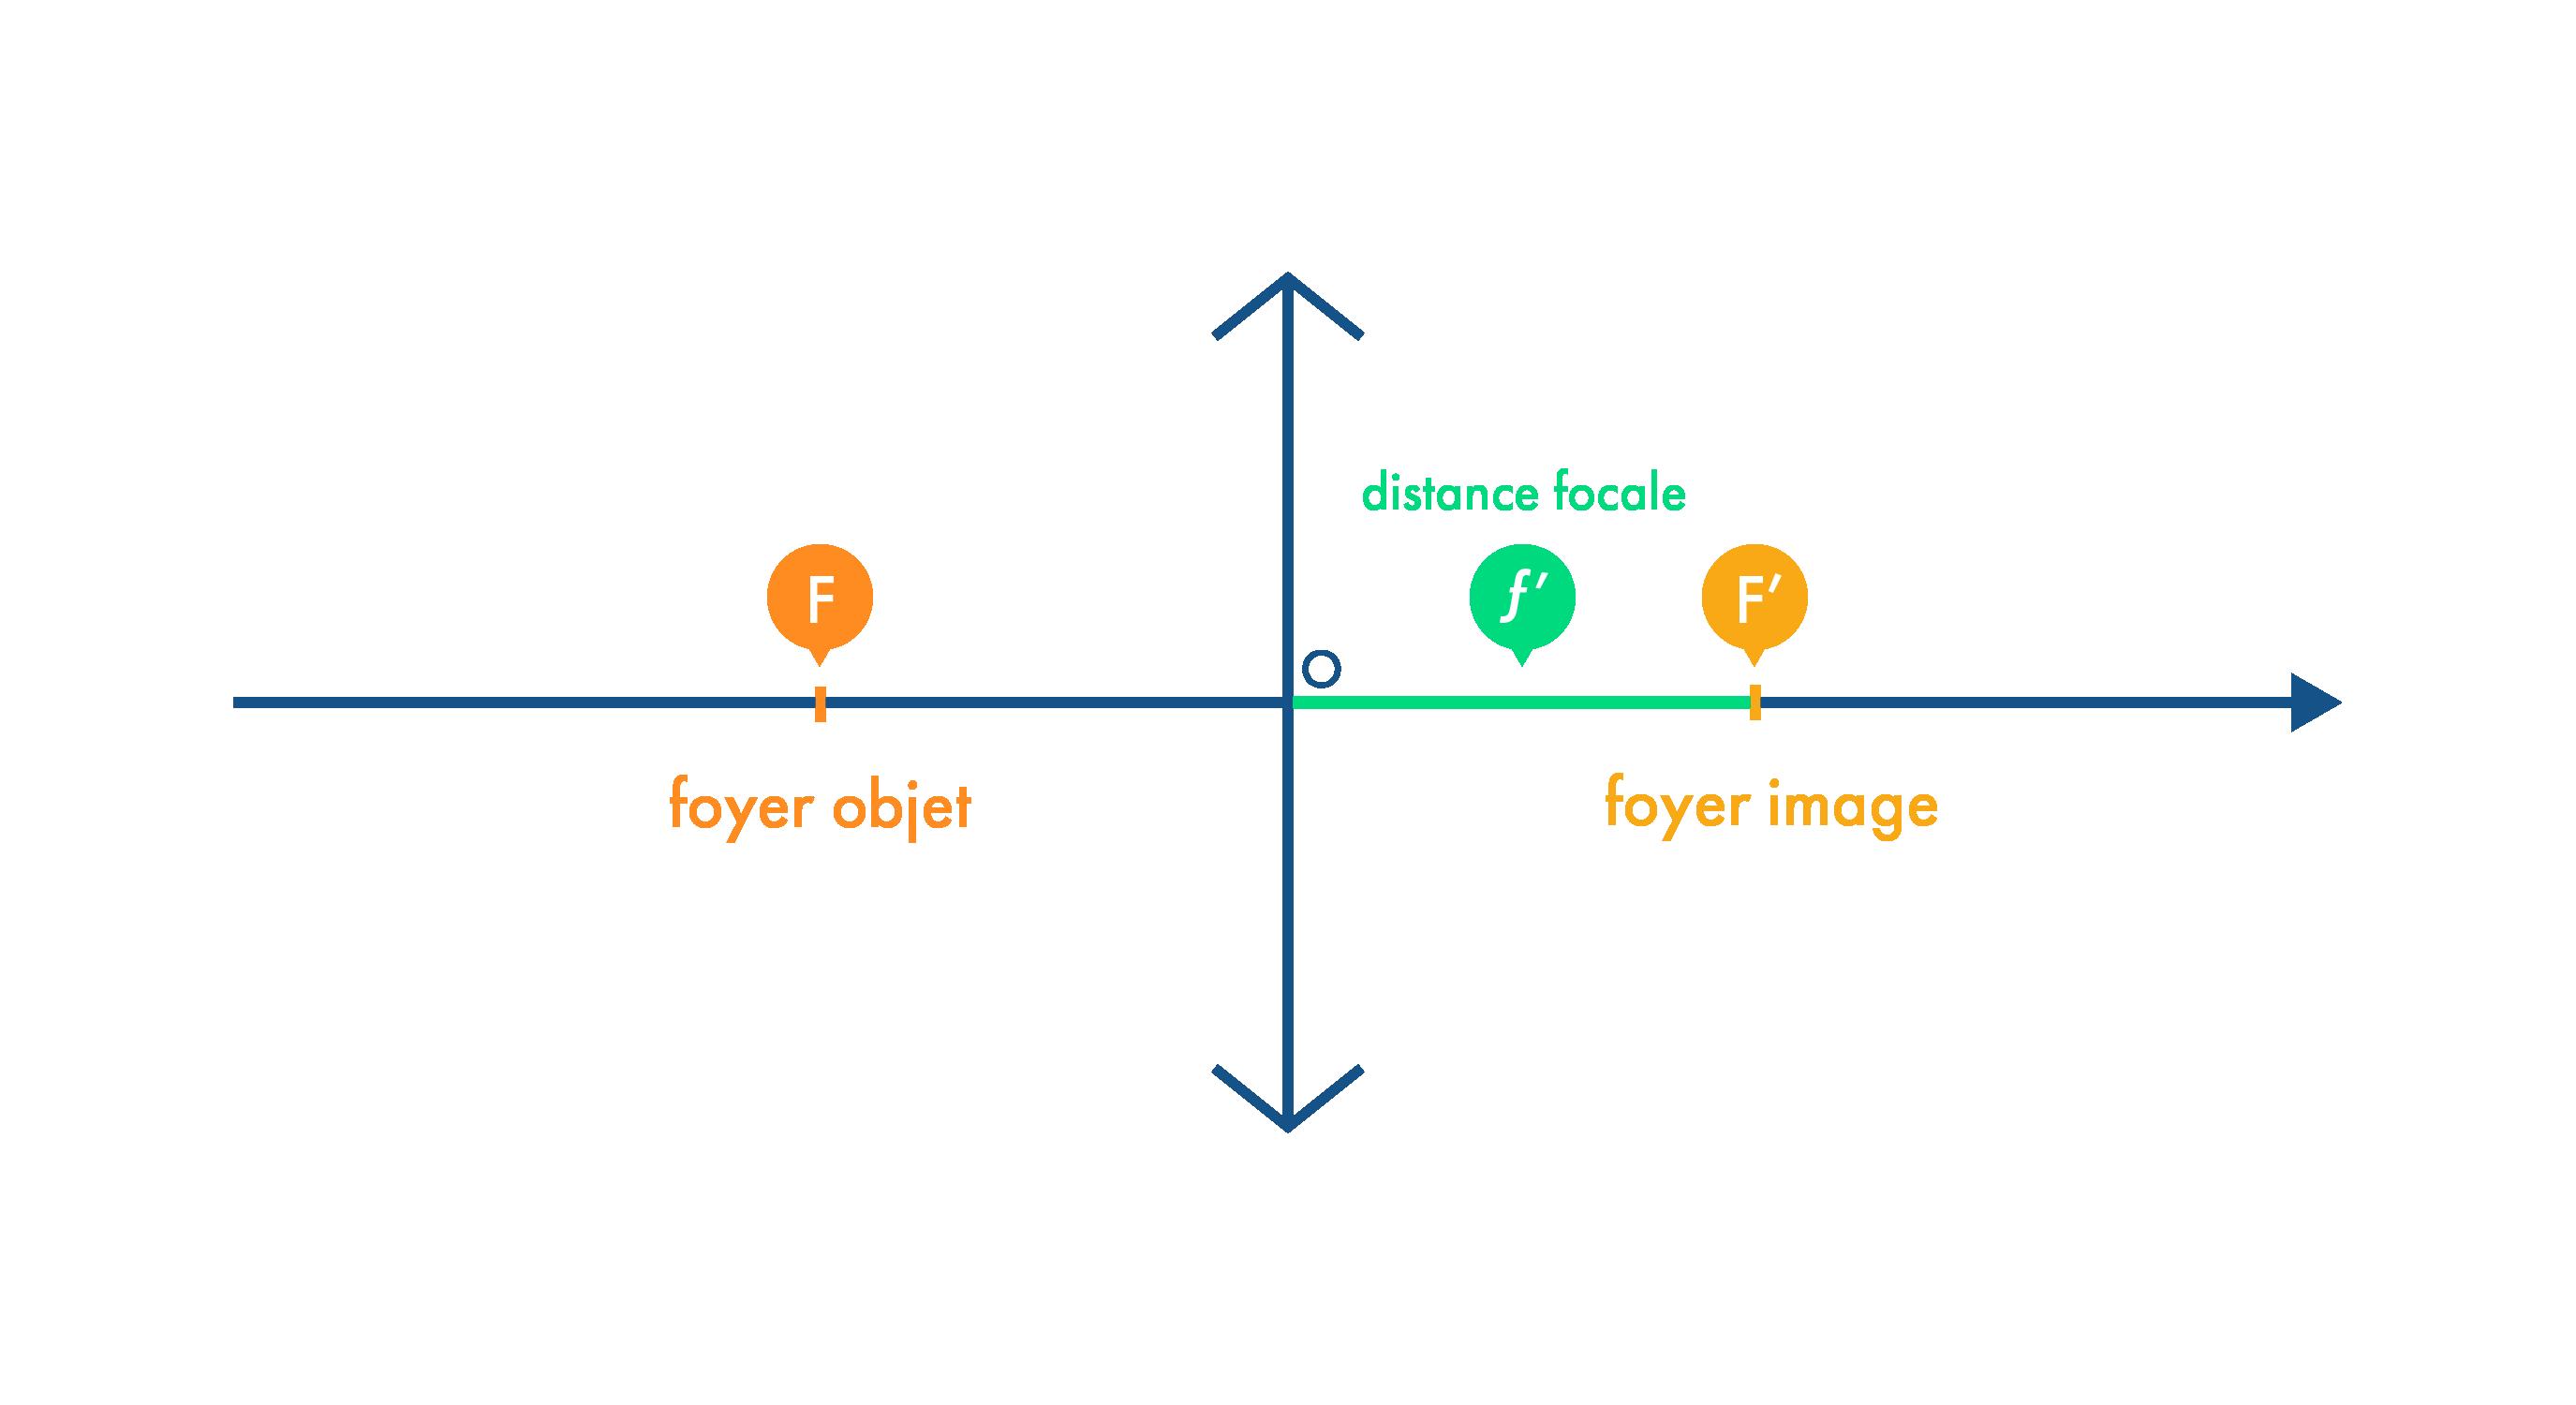 Distance focale d'une lentille convergente